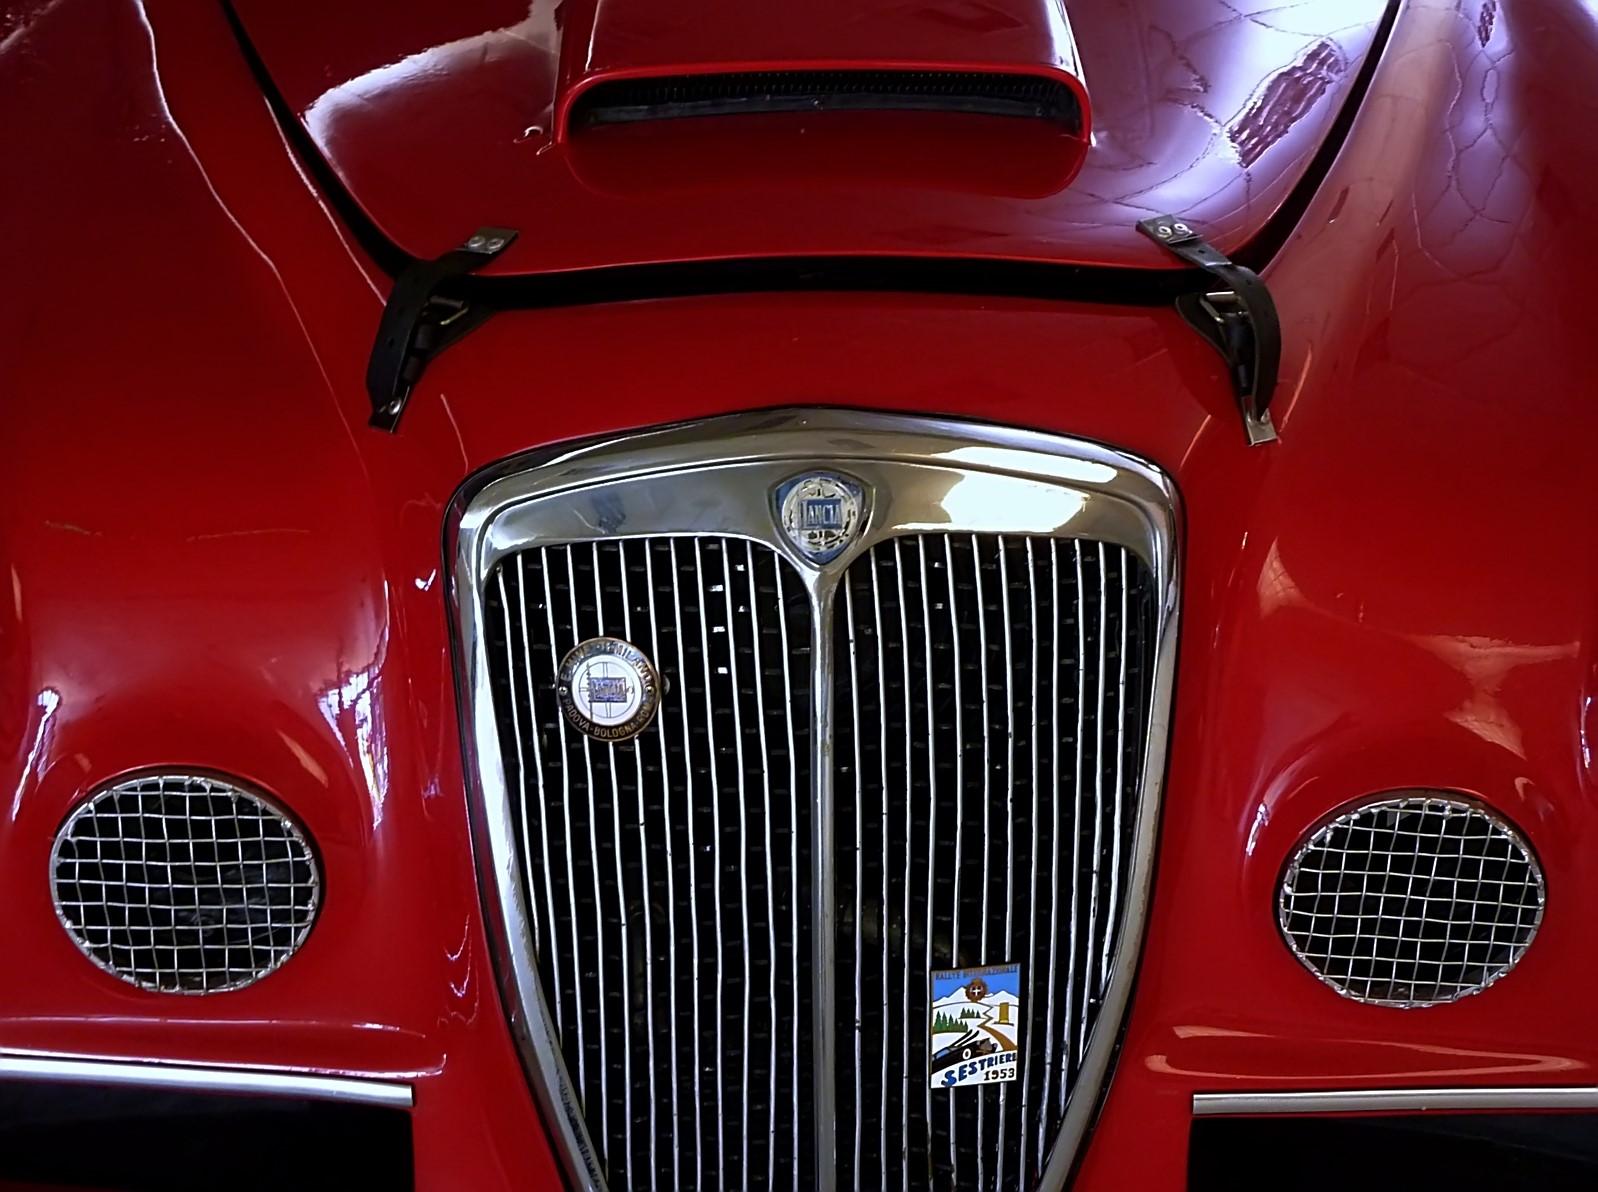 1953 Lancia Aurelia B24 ex L (24)